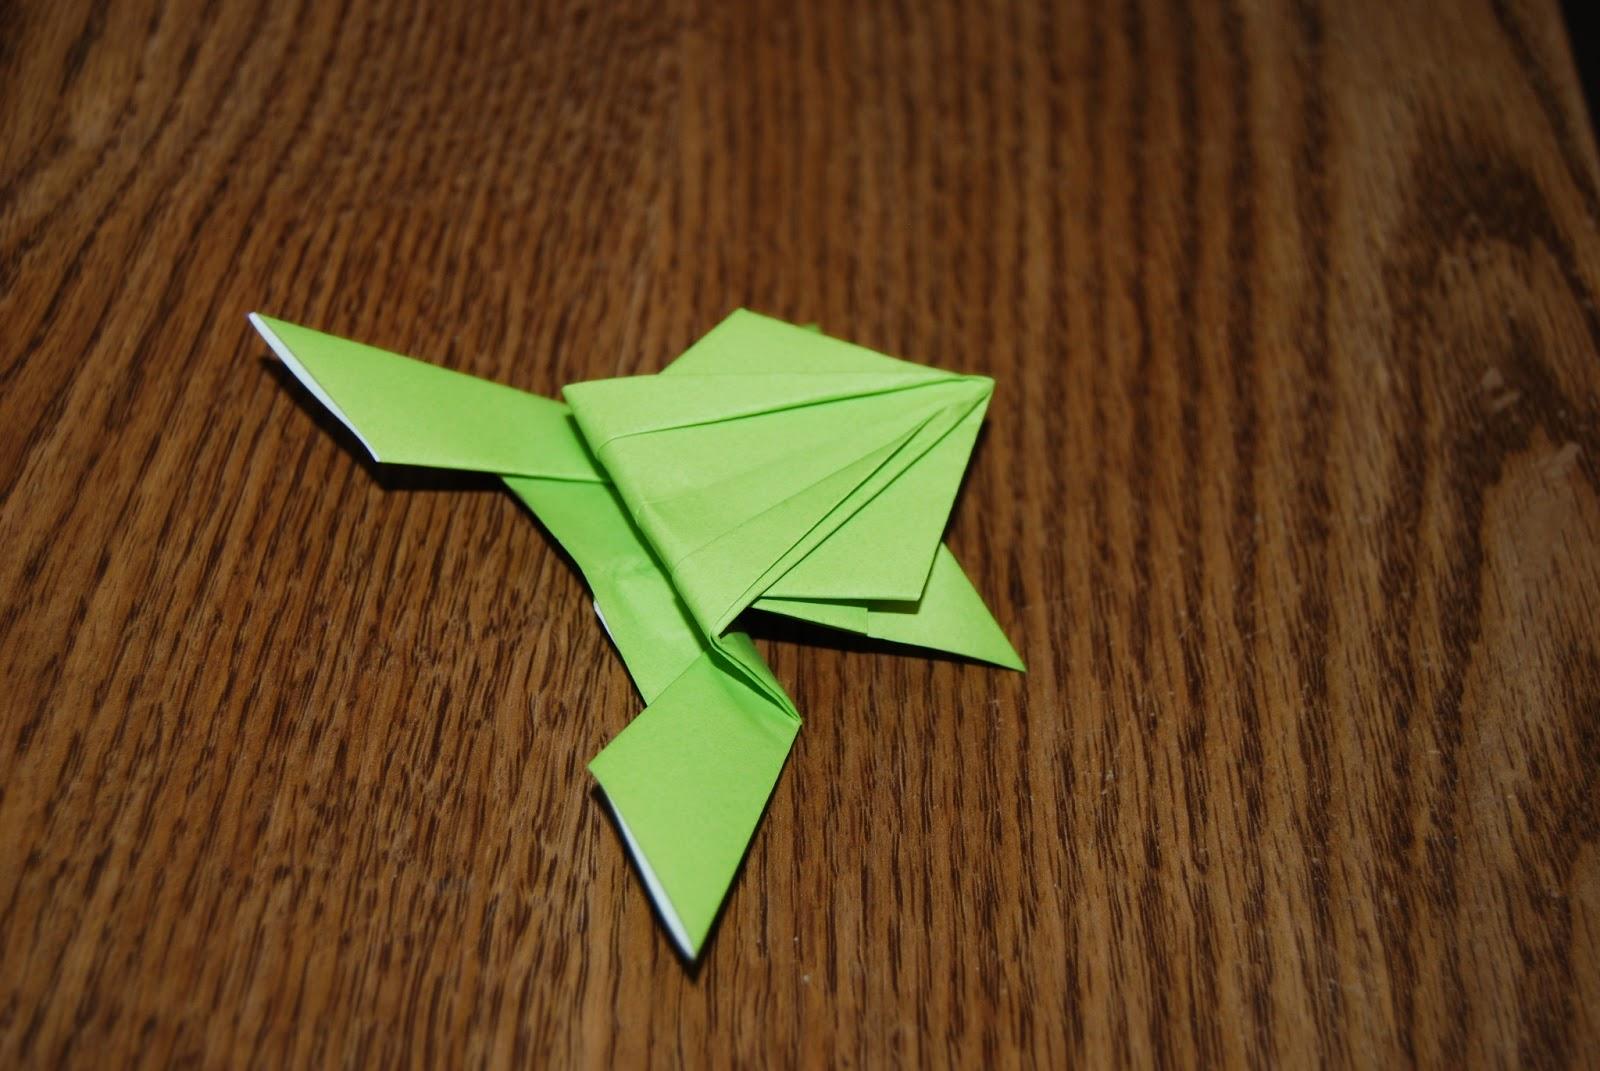 Как сделать лягушку из бумаги? Поделки из бумаги!